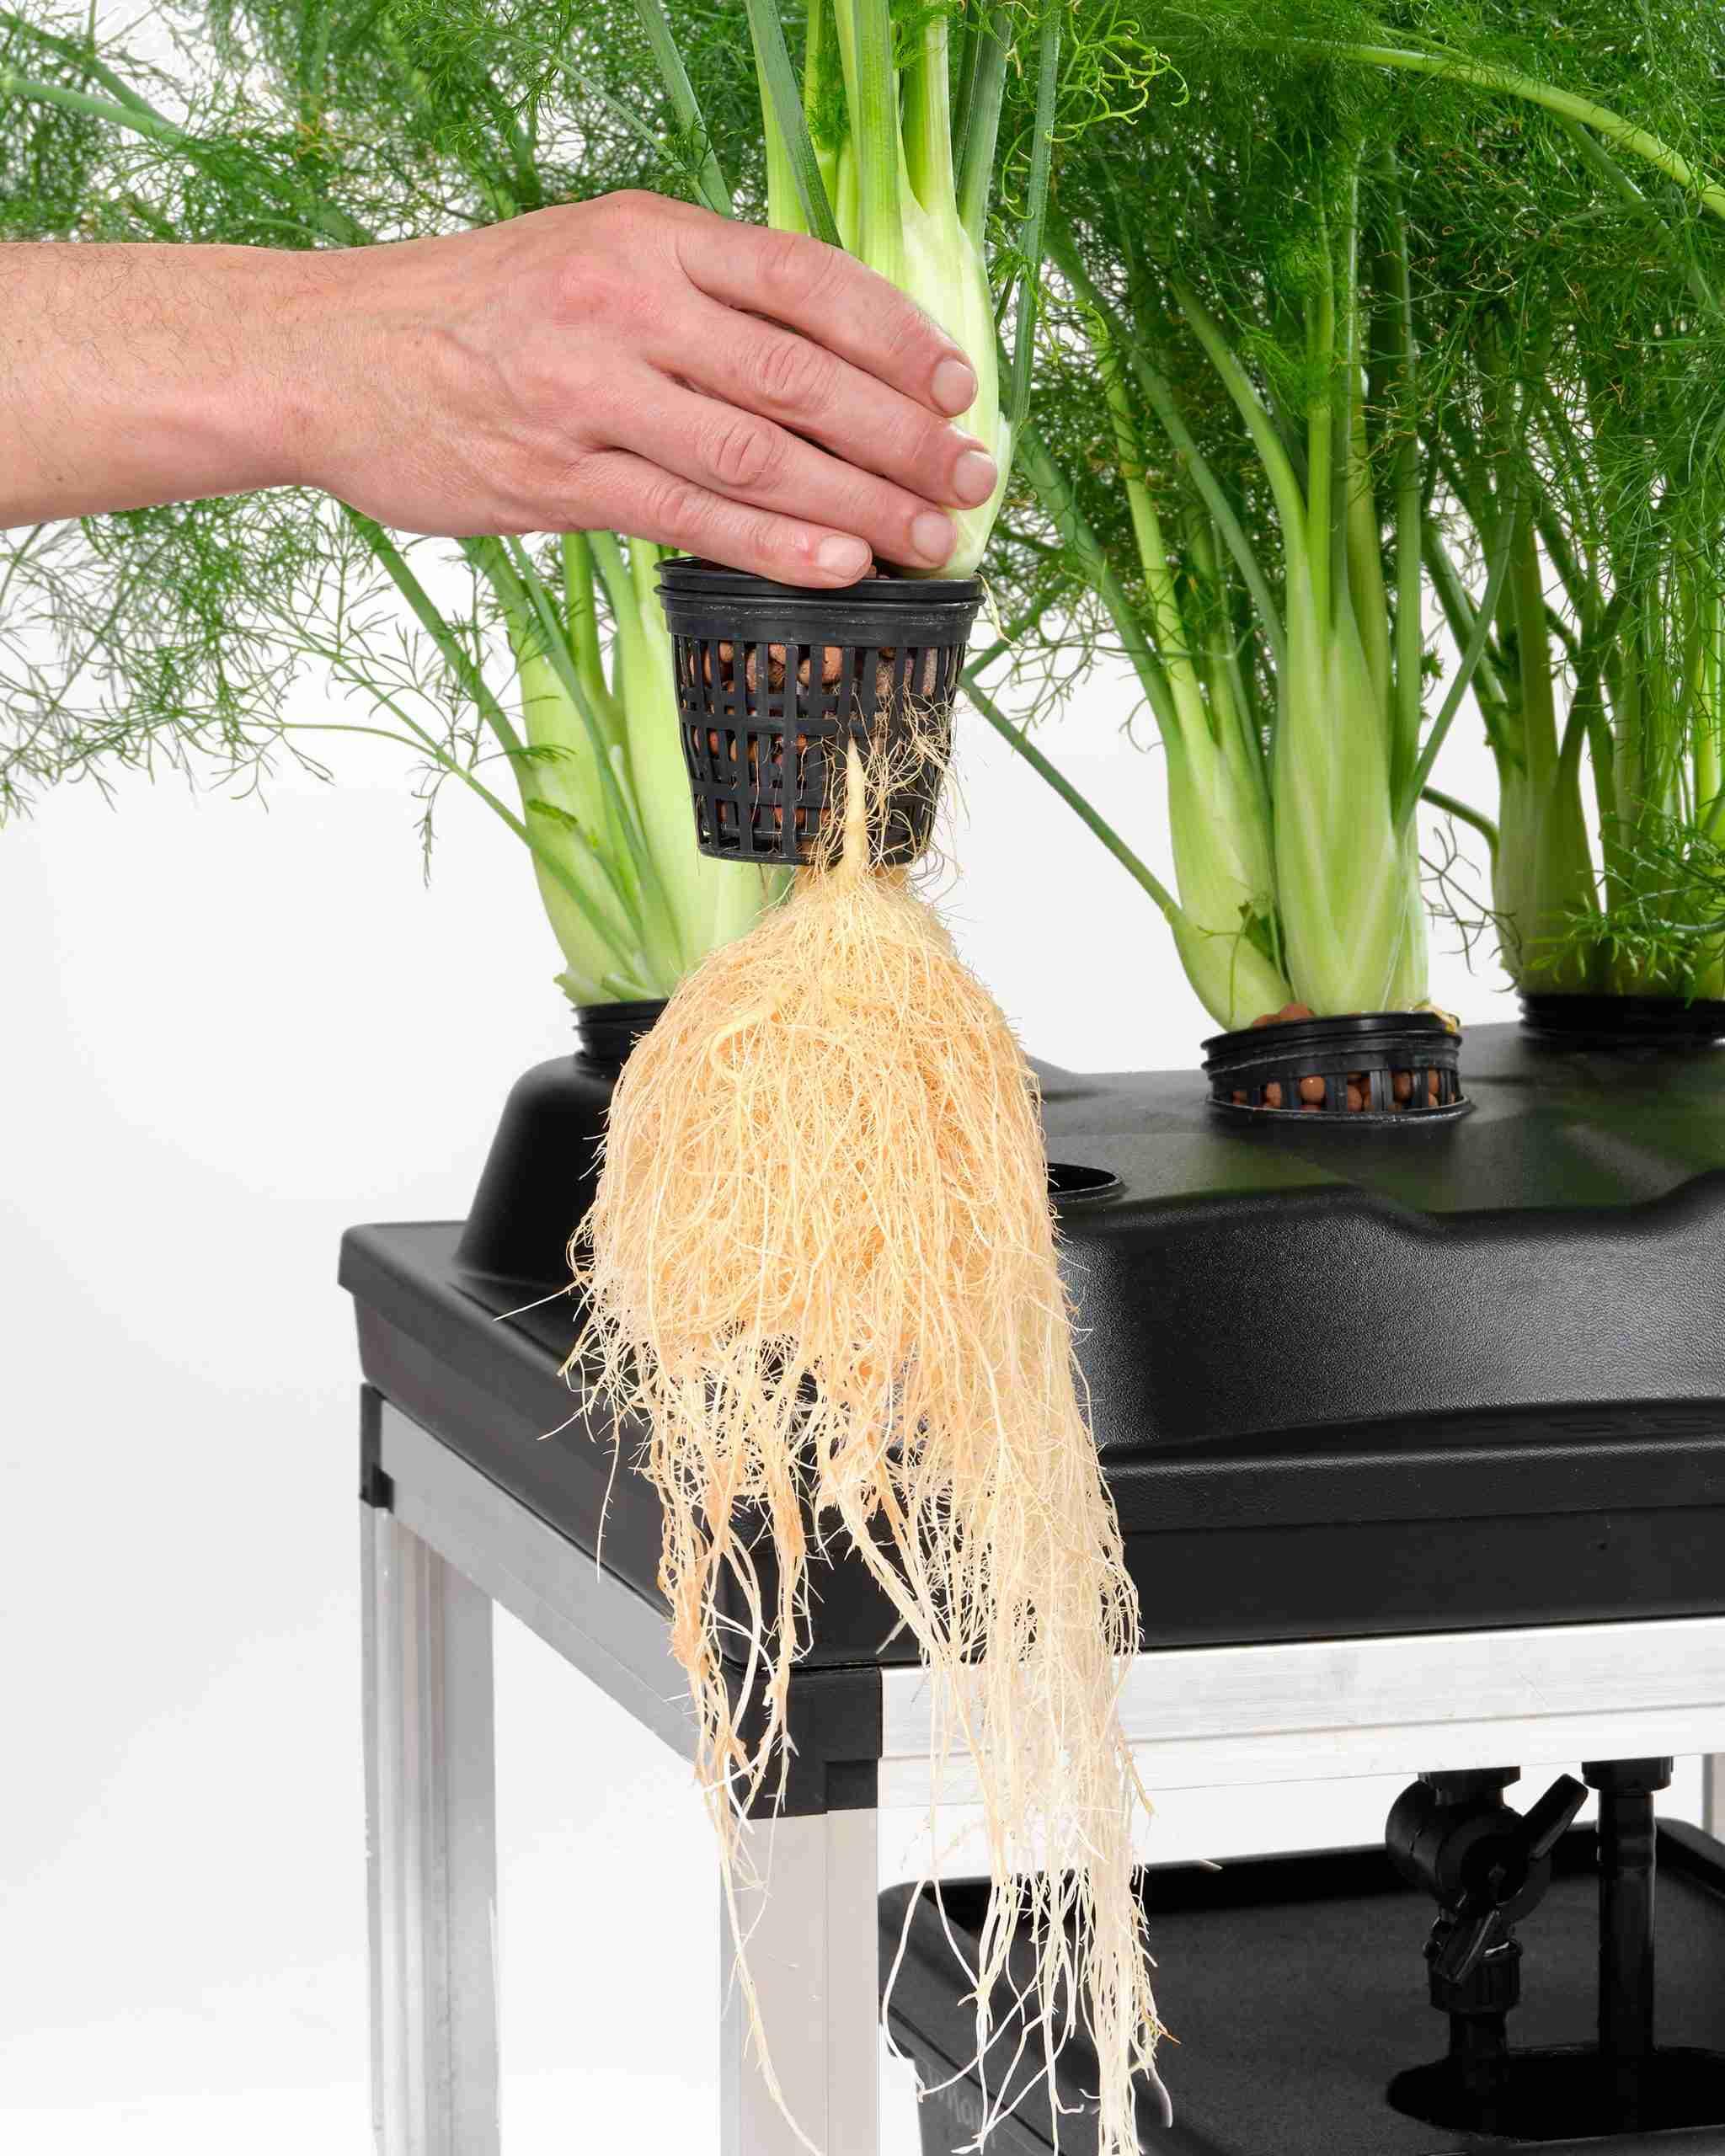 Anbau mit einem Bewässerungssystem